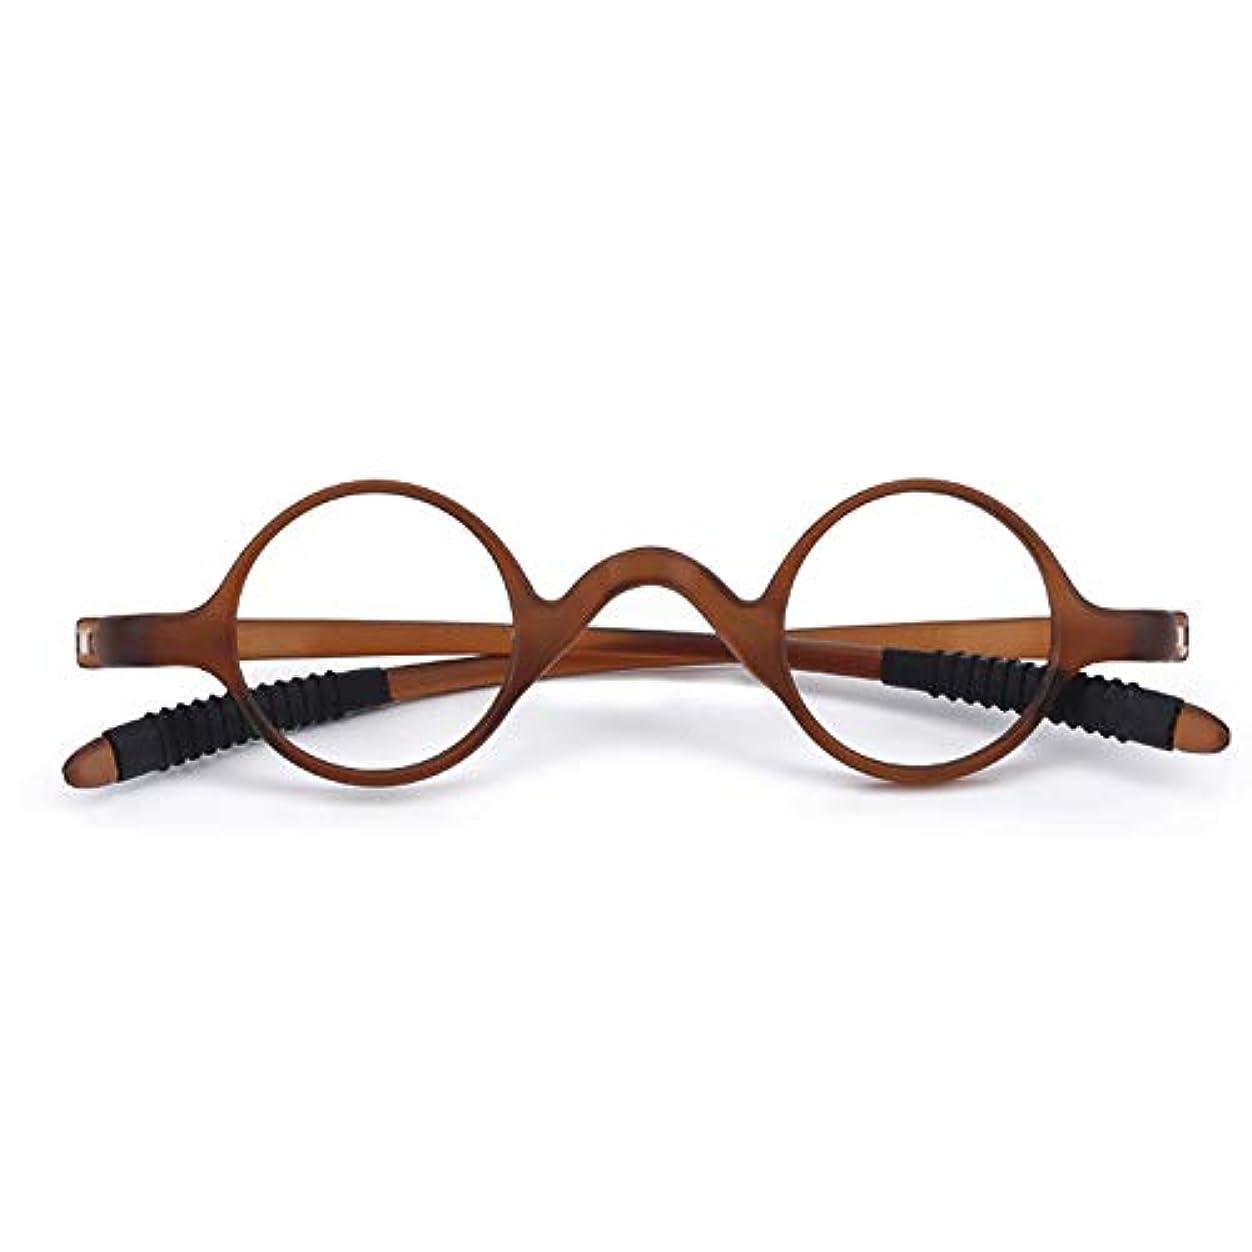 男性と女性のラウンド フルフレーム老眼鏡、 耐摩耗性、耐擦傷性のある超軽量樹脂レンズ 抗疲労ゴーグル、 TRヒンジメガネ折りたたみメガネ 老眼に適して